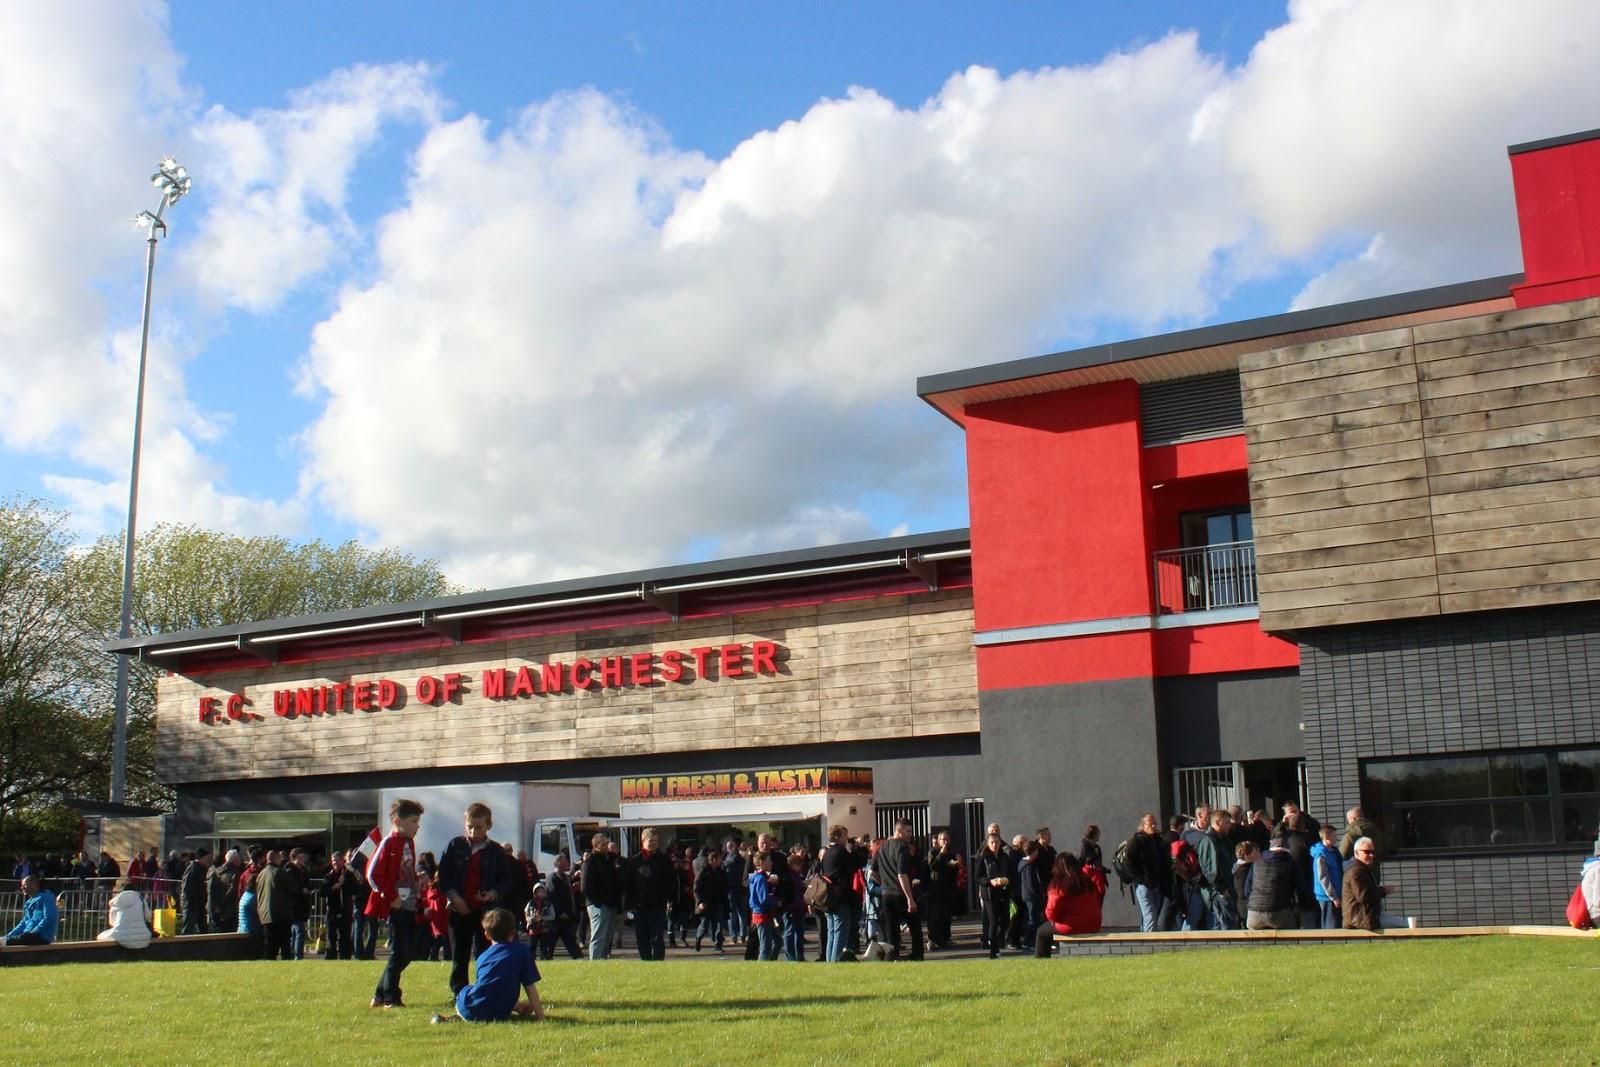 fc-united-manchester-stadium-3